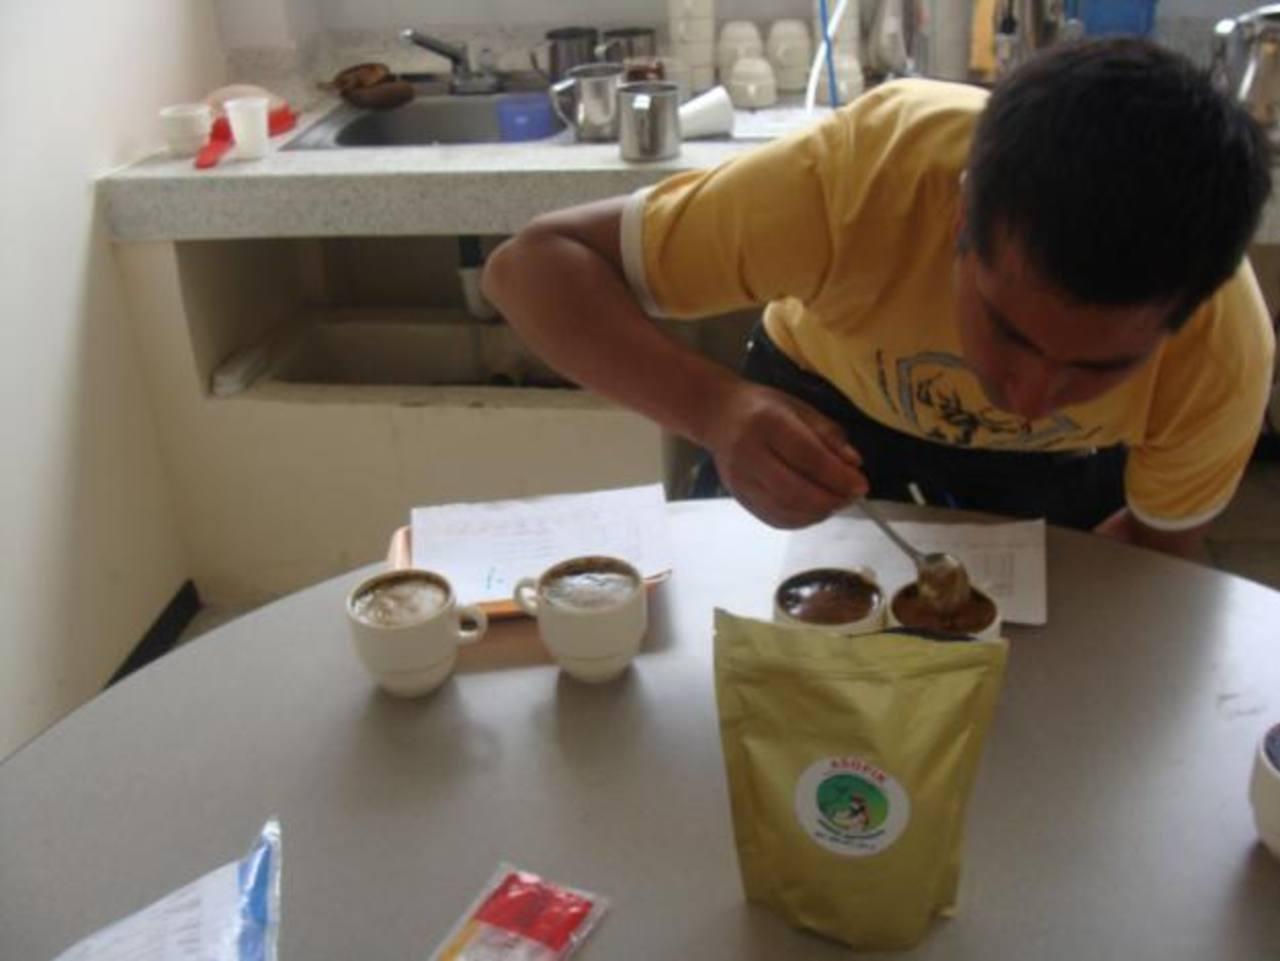 La actividad se desarrollara en la Casa Club Portal del Casco a las 6:30 de la tarde. Los fondos recaudados son a beneficio de Alemar. foto edh /Archivo